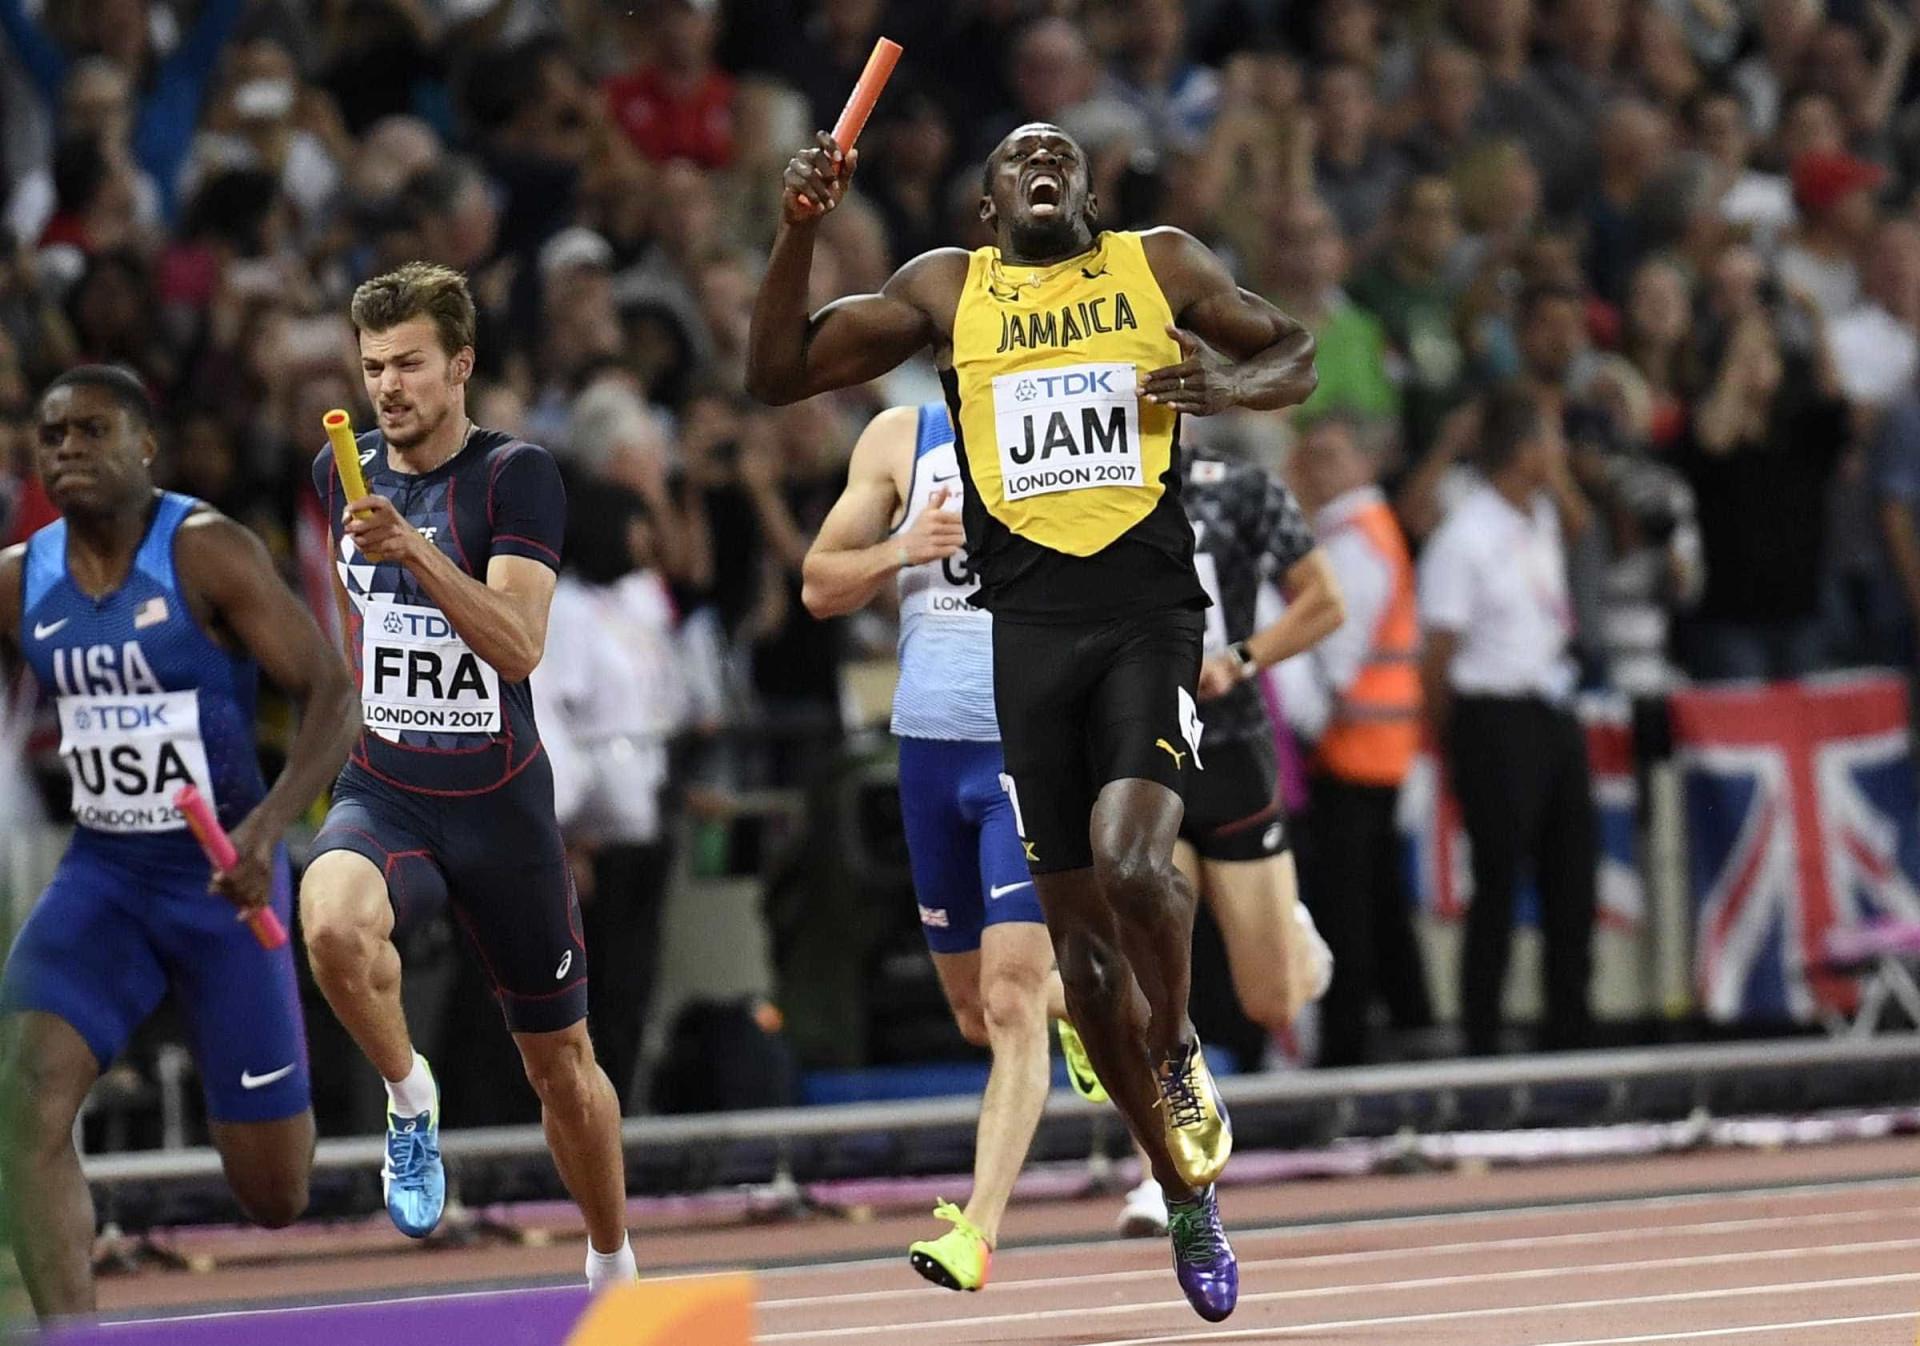 Na última prova da carreira, Bolt se lesiona e fica sem pódio